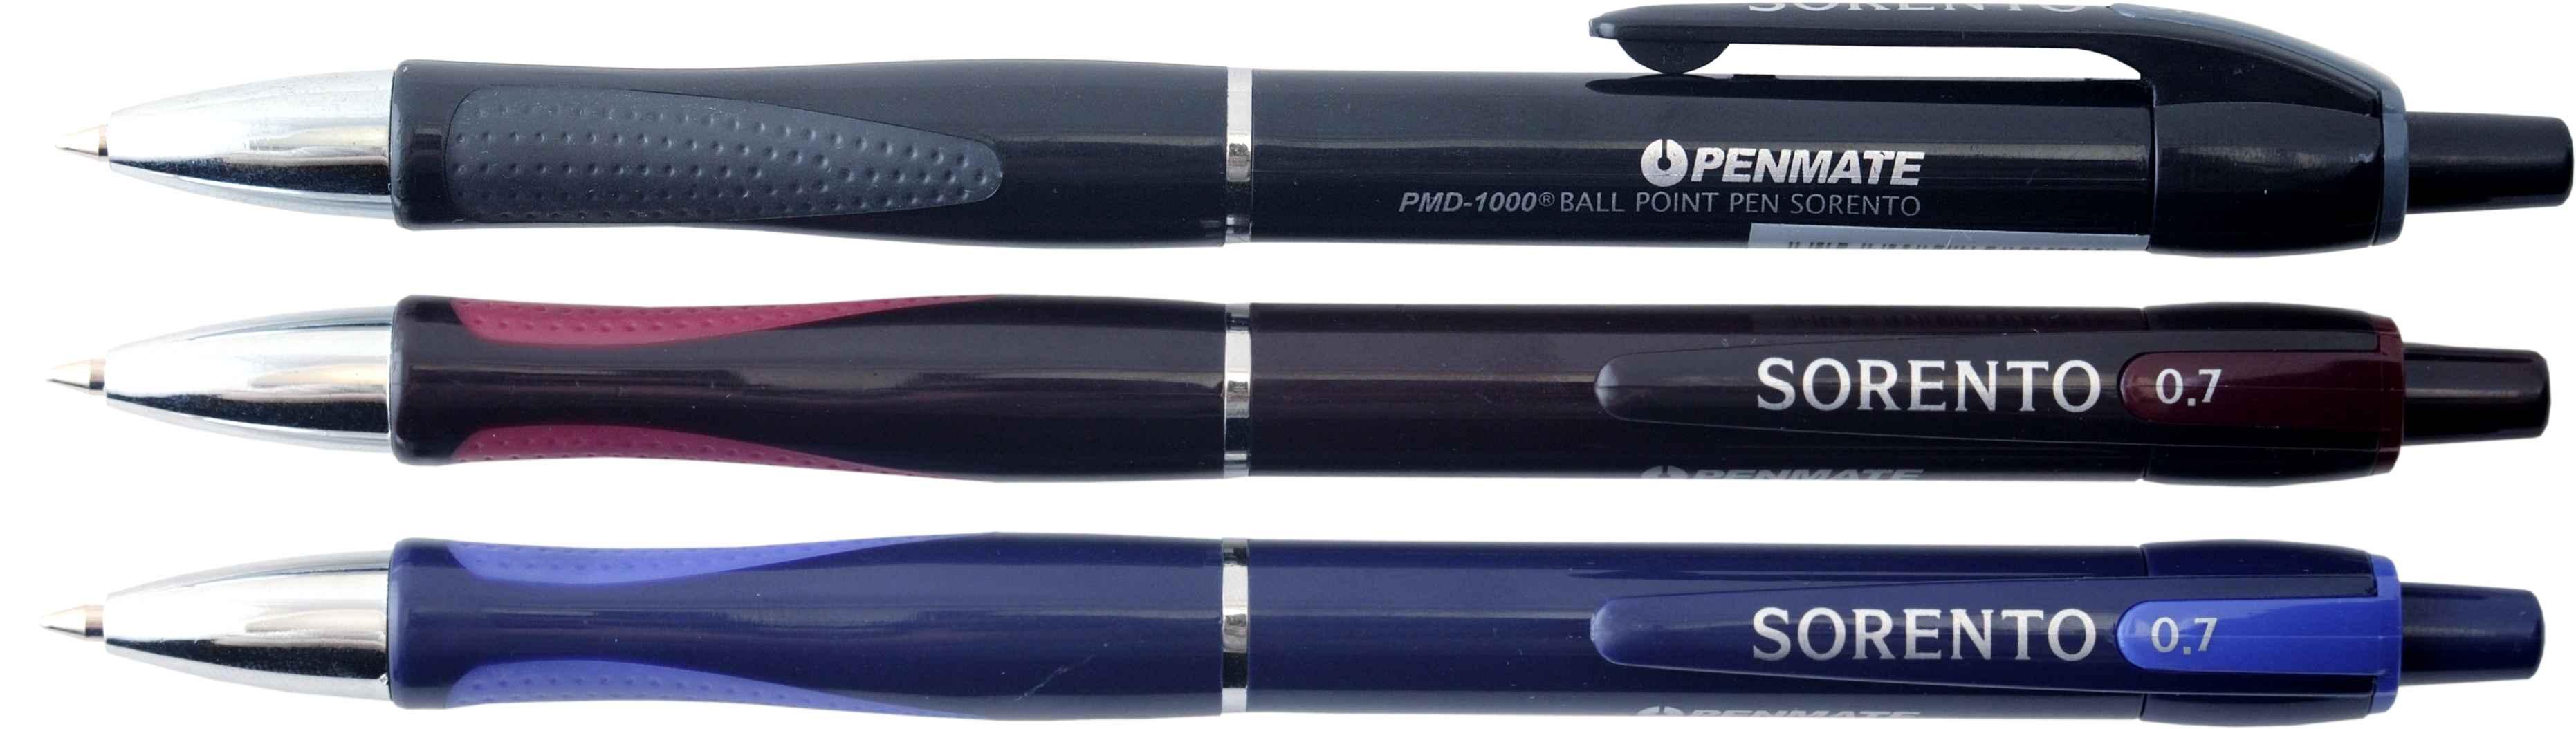 Ручка шариковая автоматическая SORENTO, стержень син., цвет корпуса ассорт. Penmate - фото 1